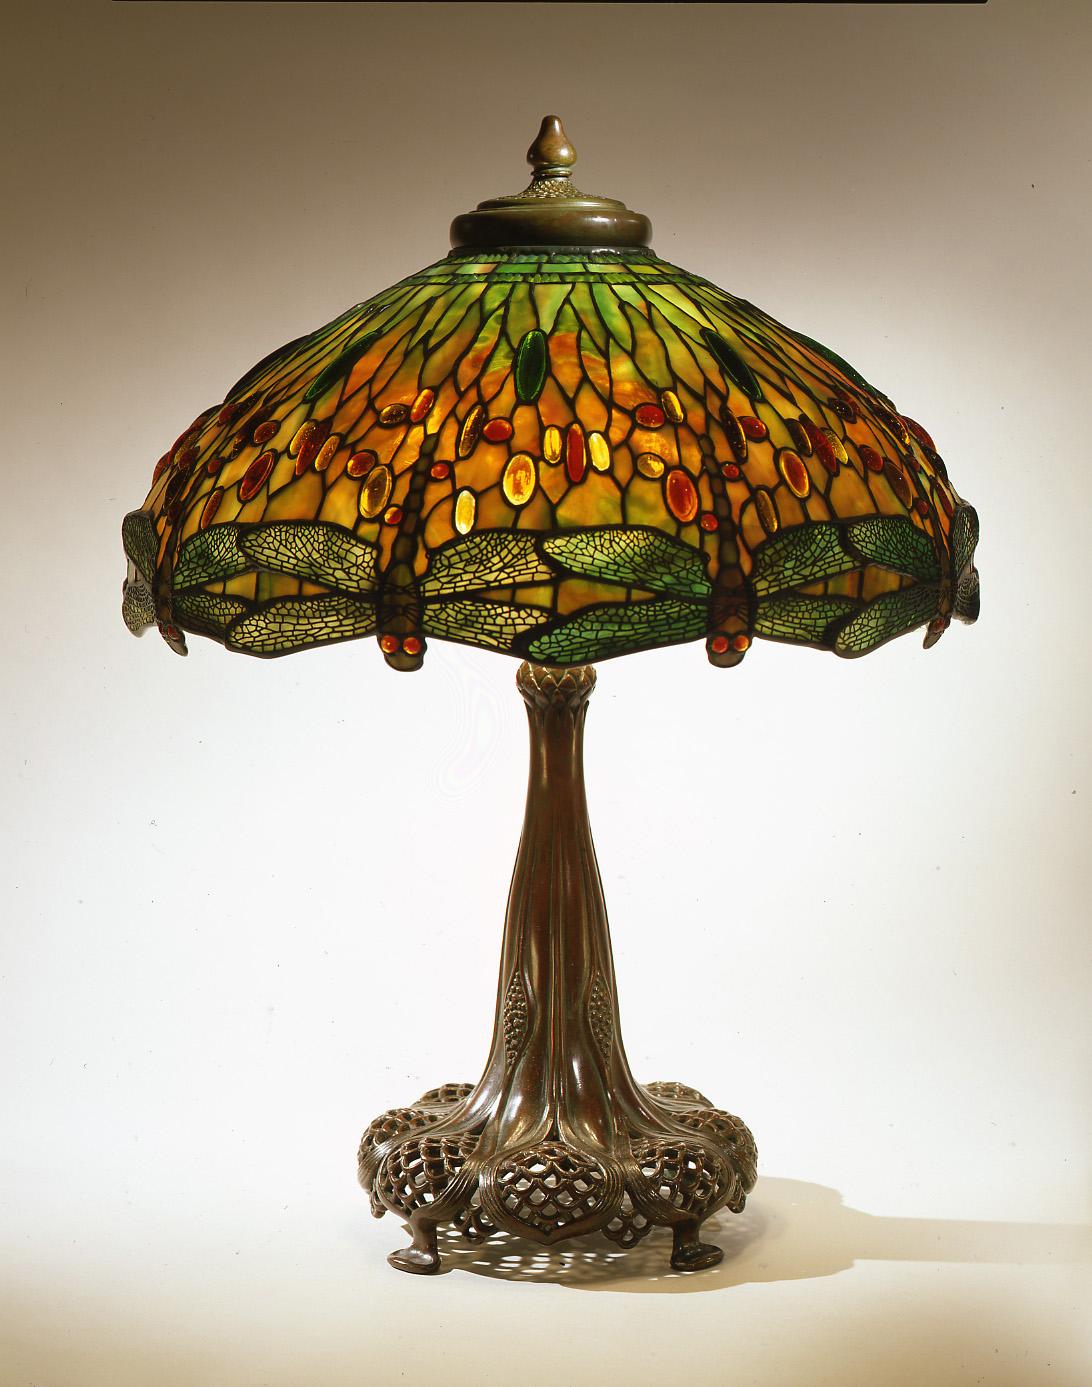 art nouveau et jugendstil courants artistiques et litt raires de 1880 1920 l 39 art nouveau l. Black Bedroom Furniture Sets. Home Design Ideas